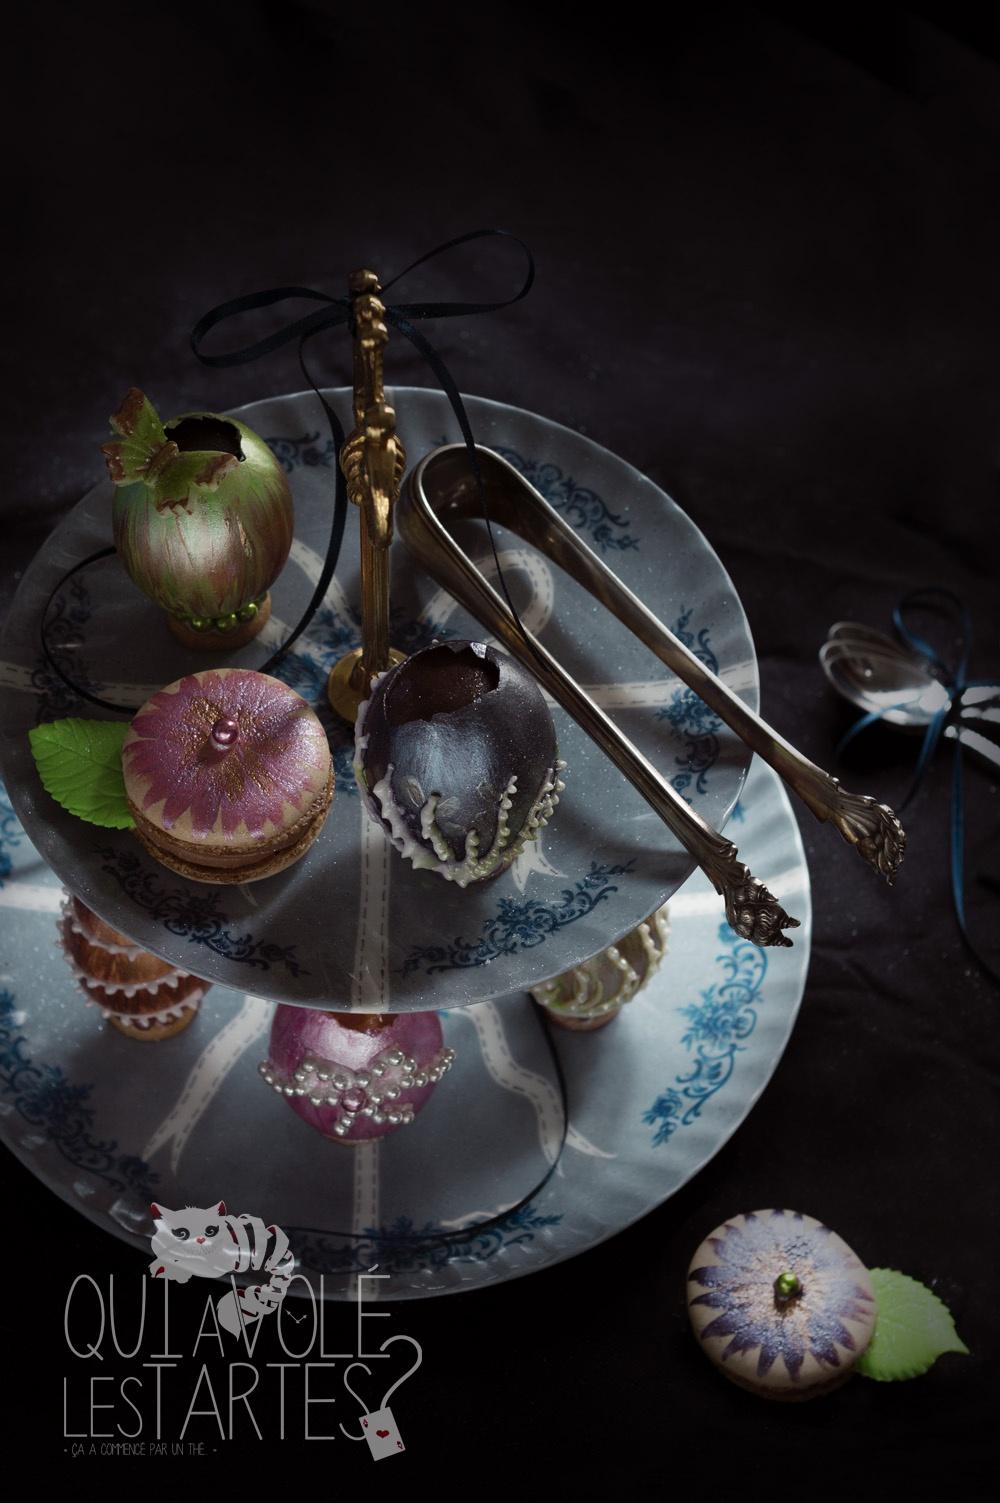 Oeufs façon Fabergé 1 - Studio 2 création - Qui a volé les tartes